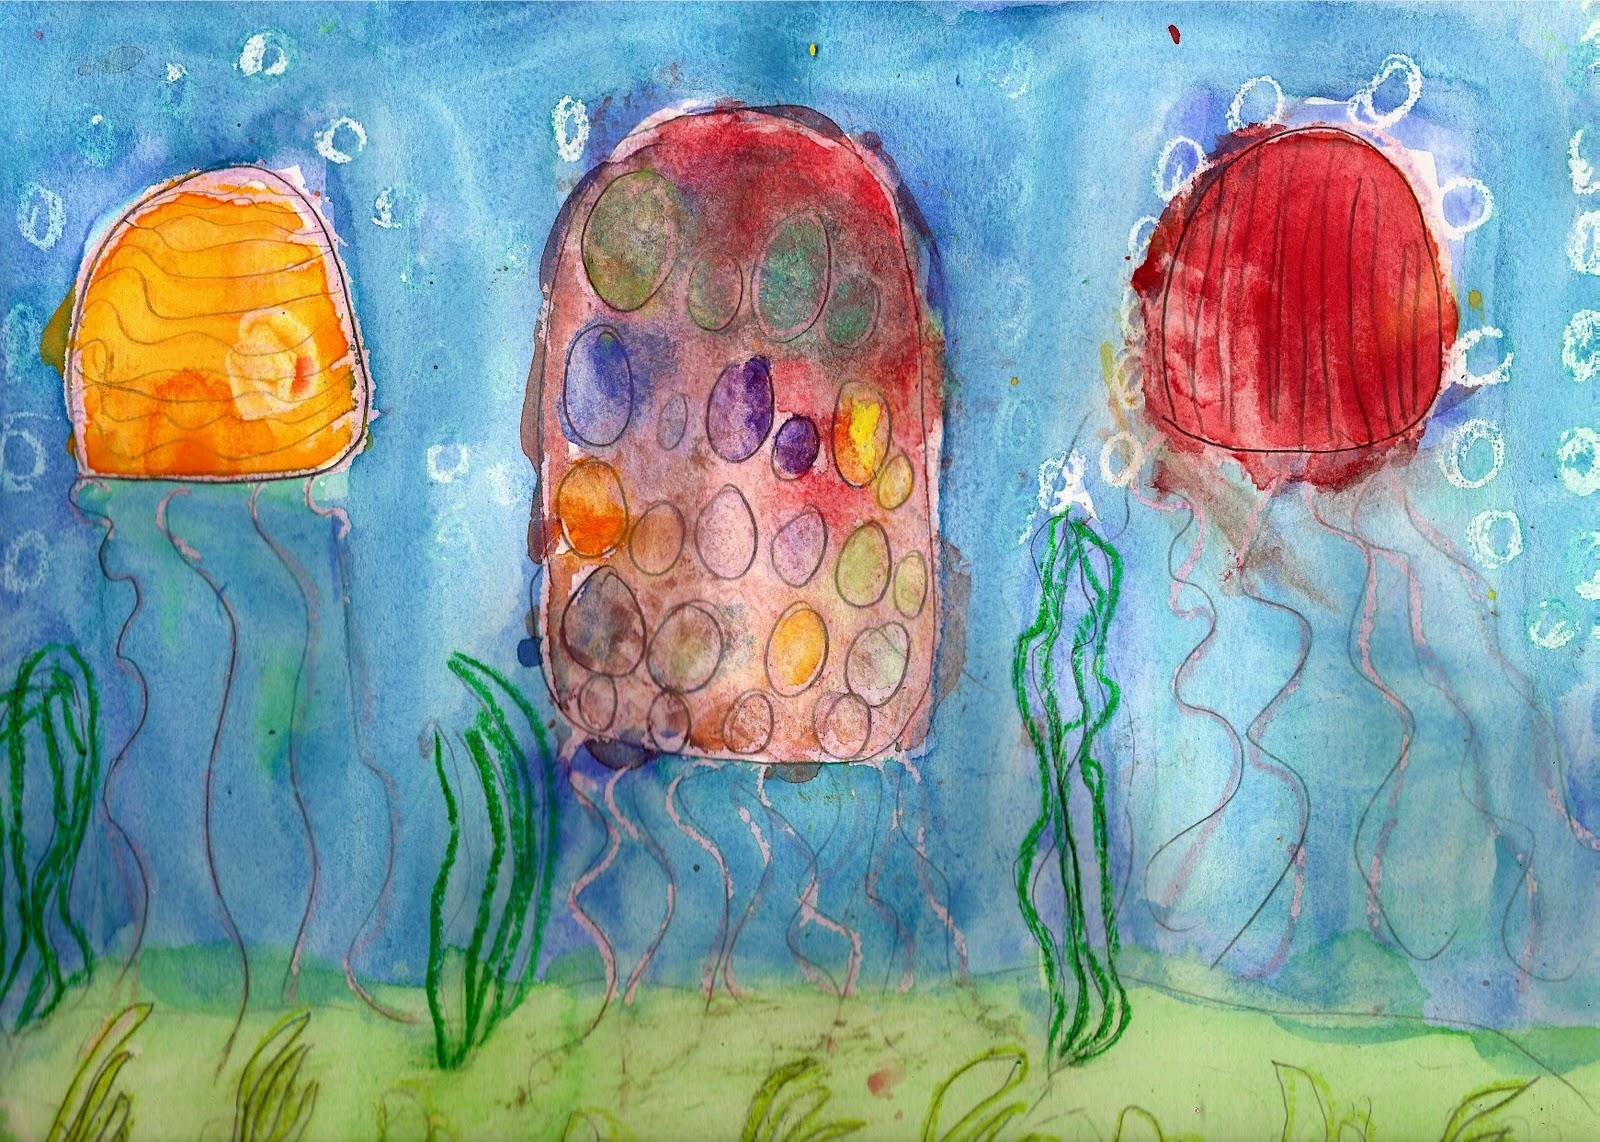 1600x1142 The Elemental Art Room More Underwater Scenes Watercolor Resist